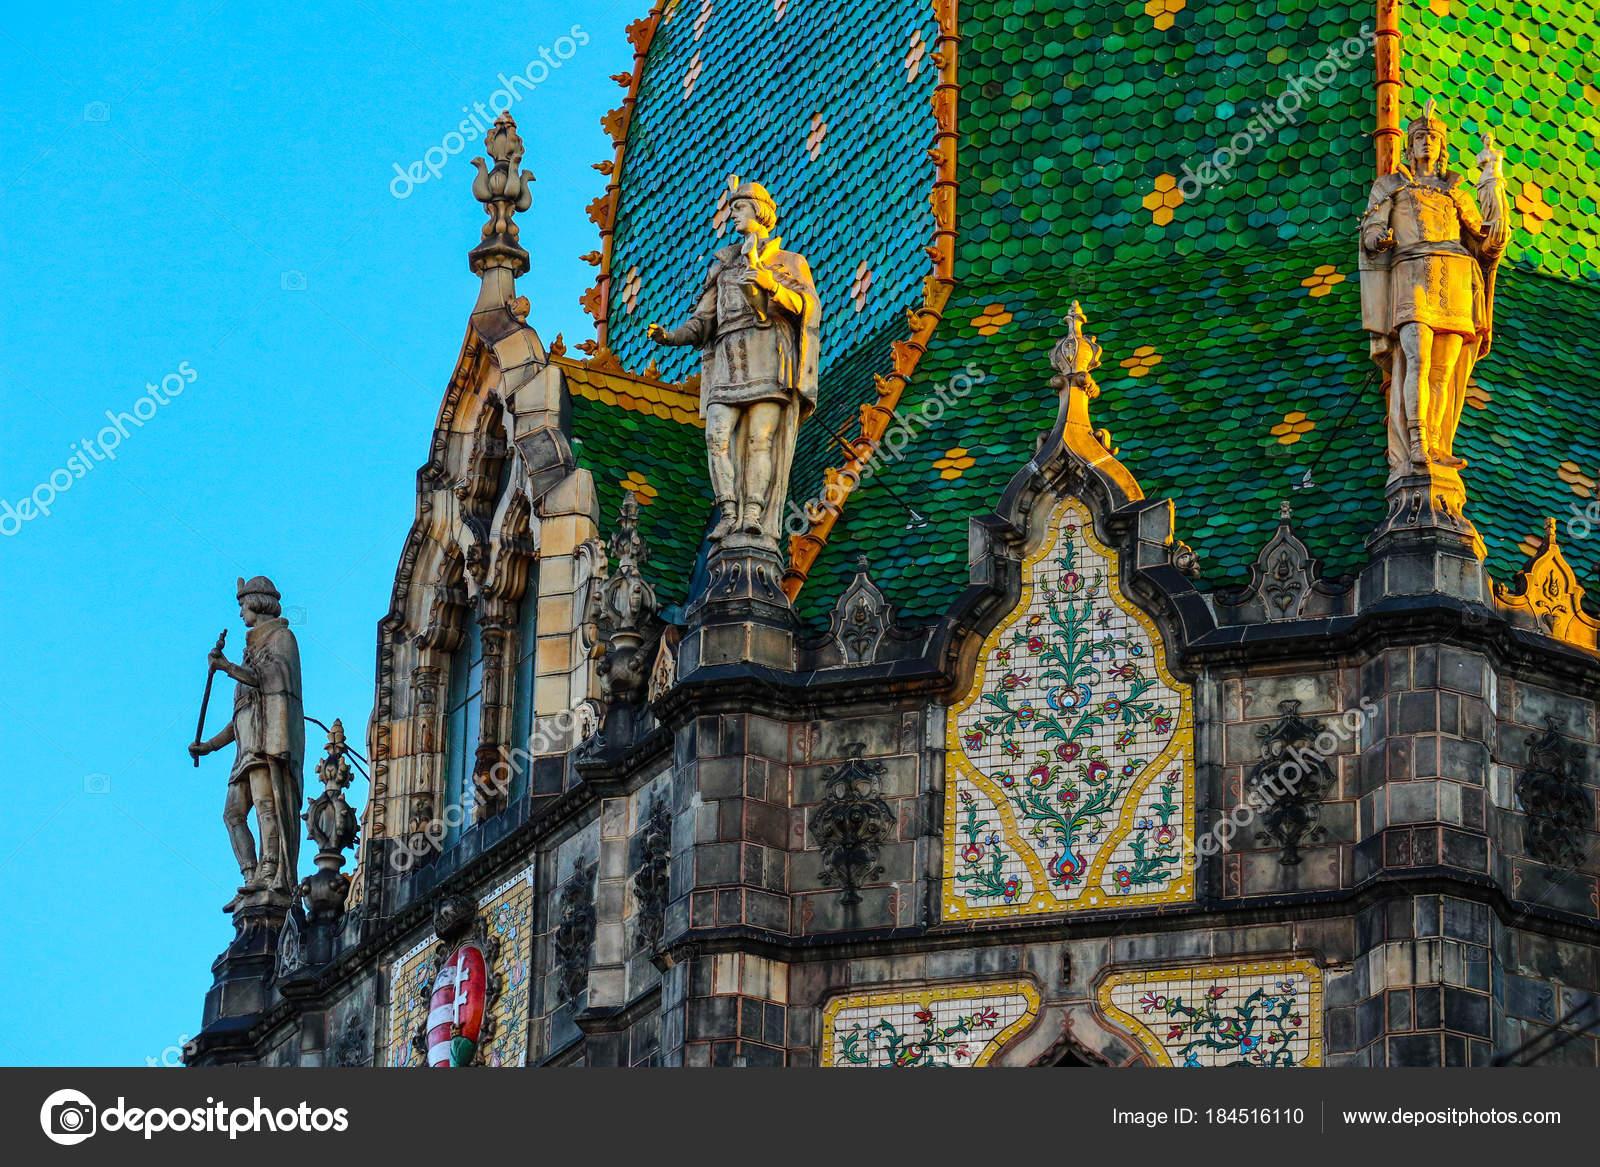 Hongarije boedapest deel van decoratie van museum van toegepaste